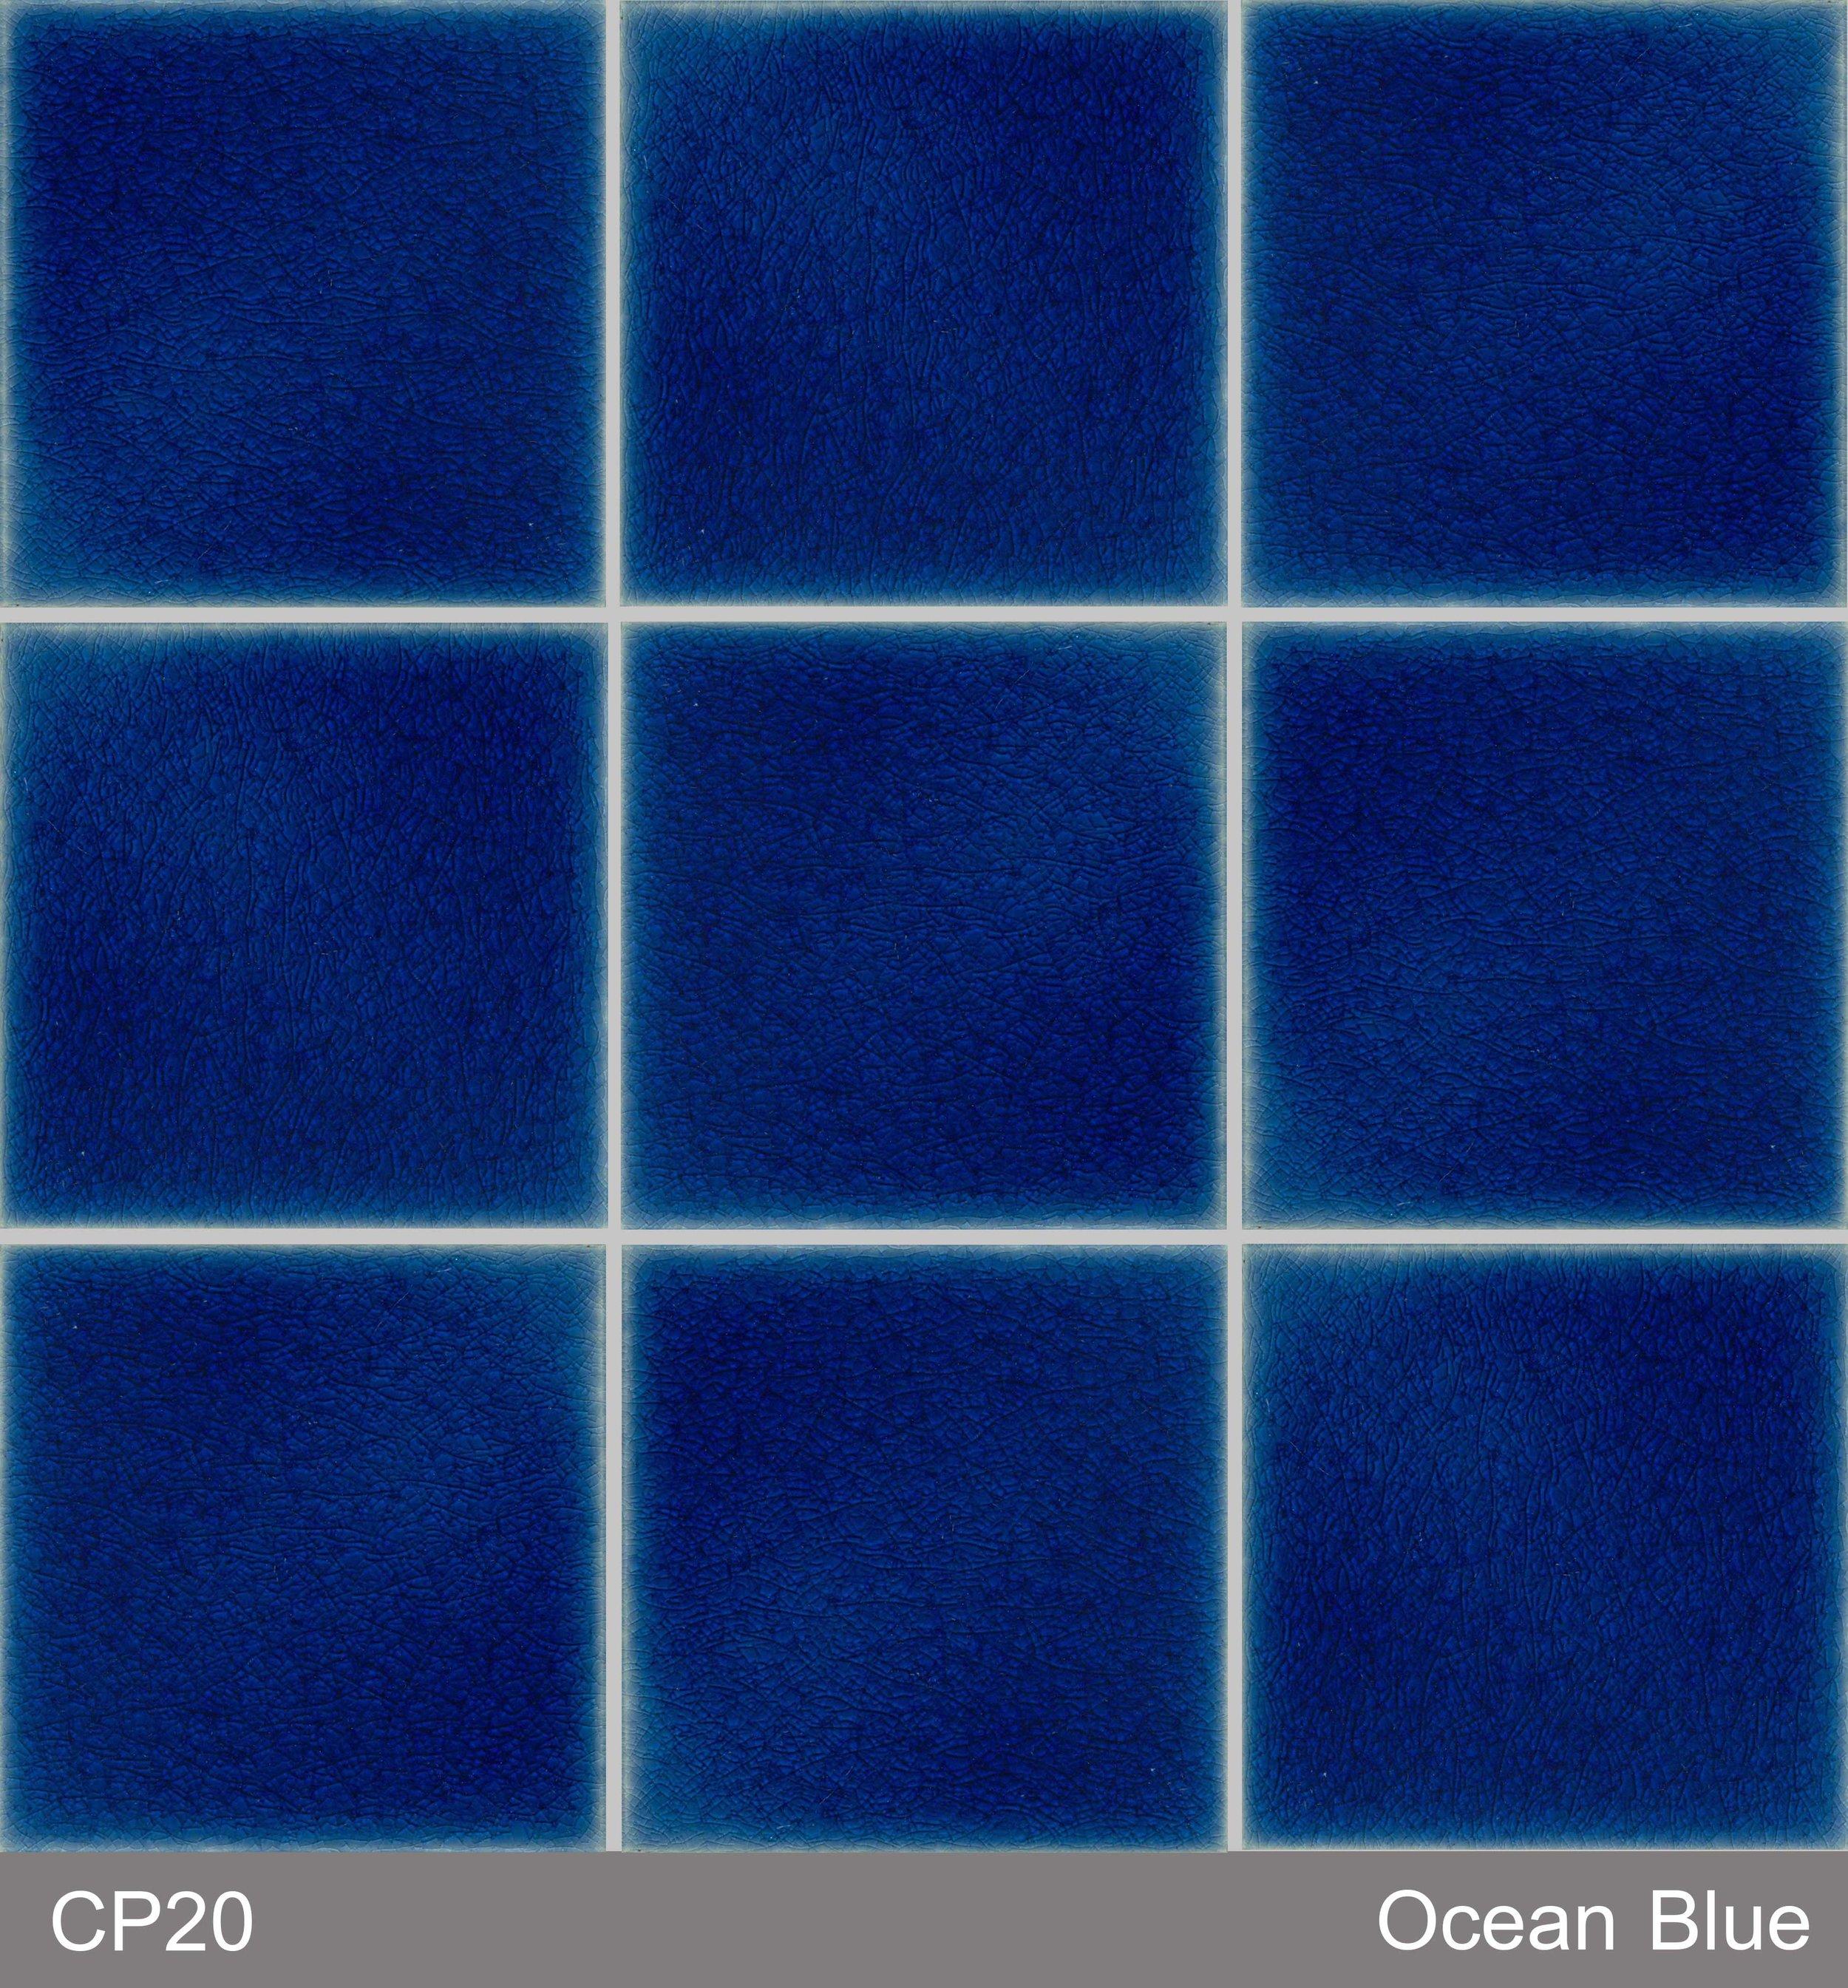 CP20 : Ocean blue